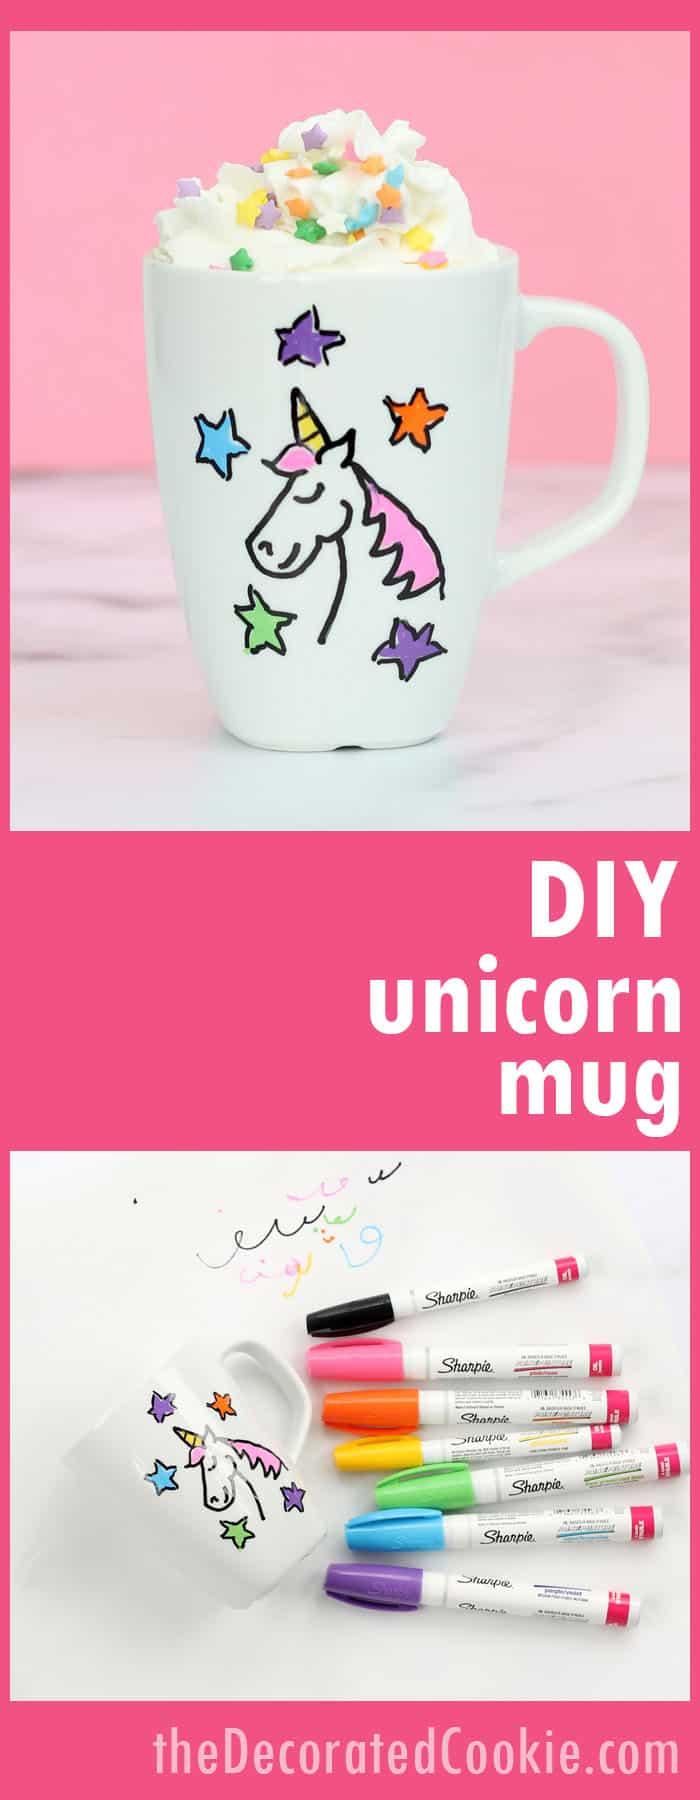 Diy Unicorn Mug A Dishwasher Safe Personalized Handmade Gift Idea